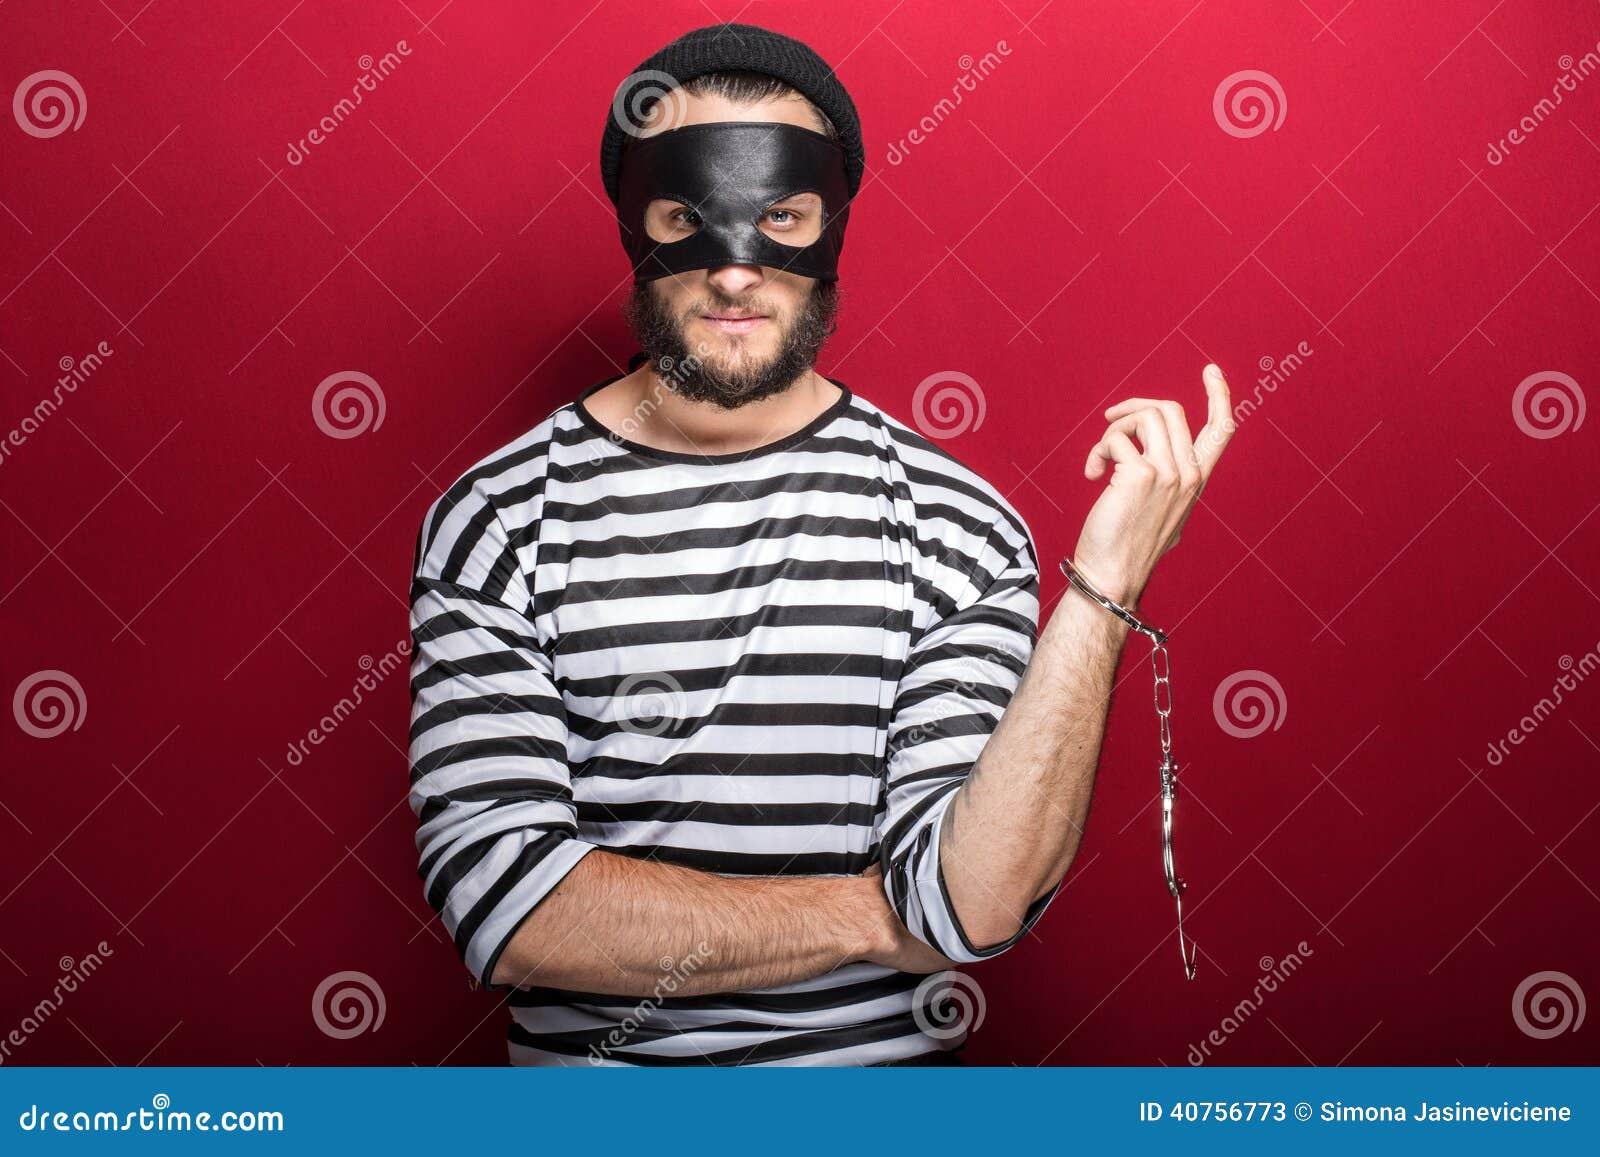 Похититель арестованный как последствие его злодеяния